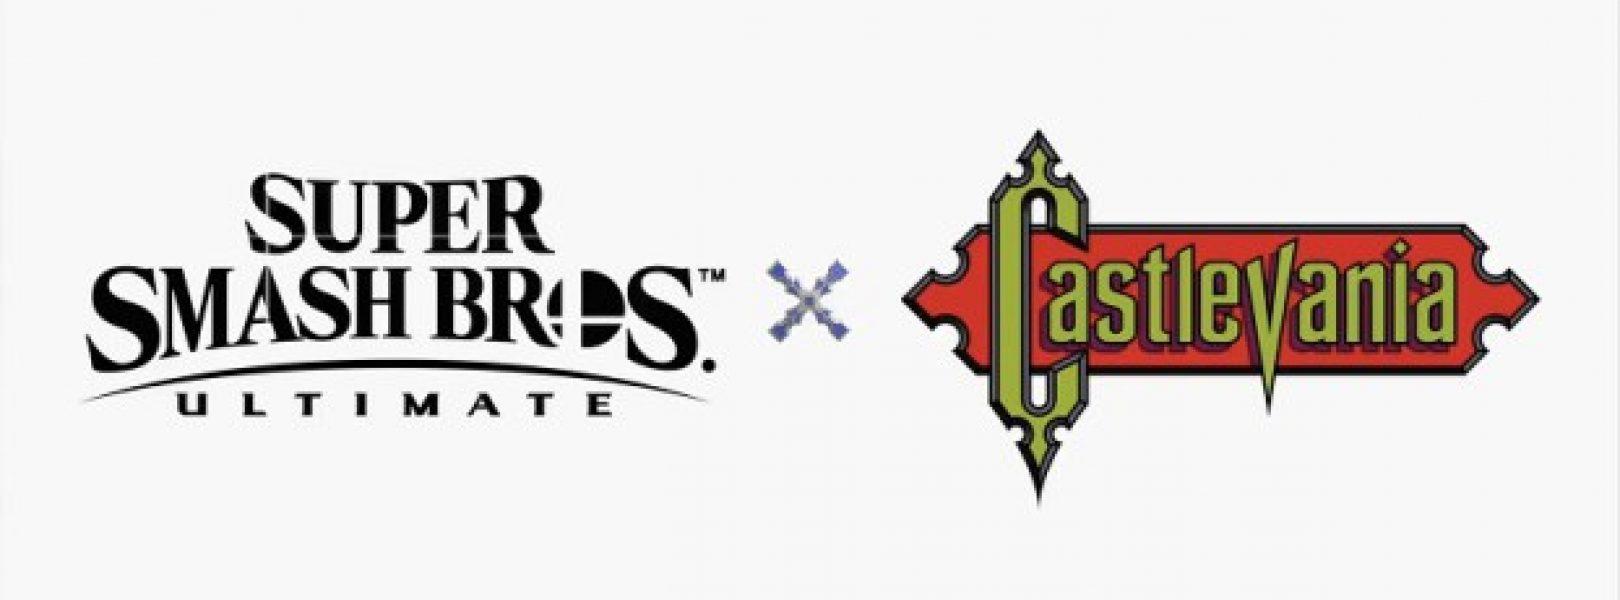 Castlevania Archives Infendo Nintendo News Review Blog And Podcast